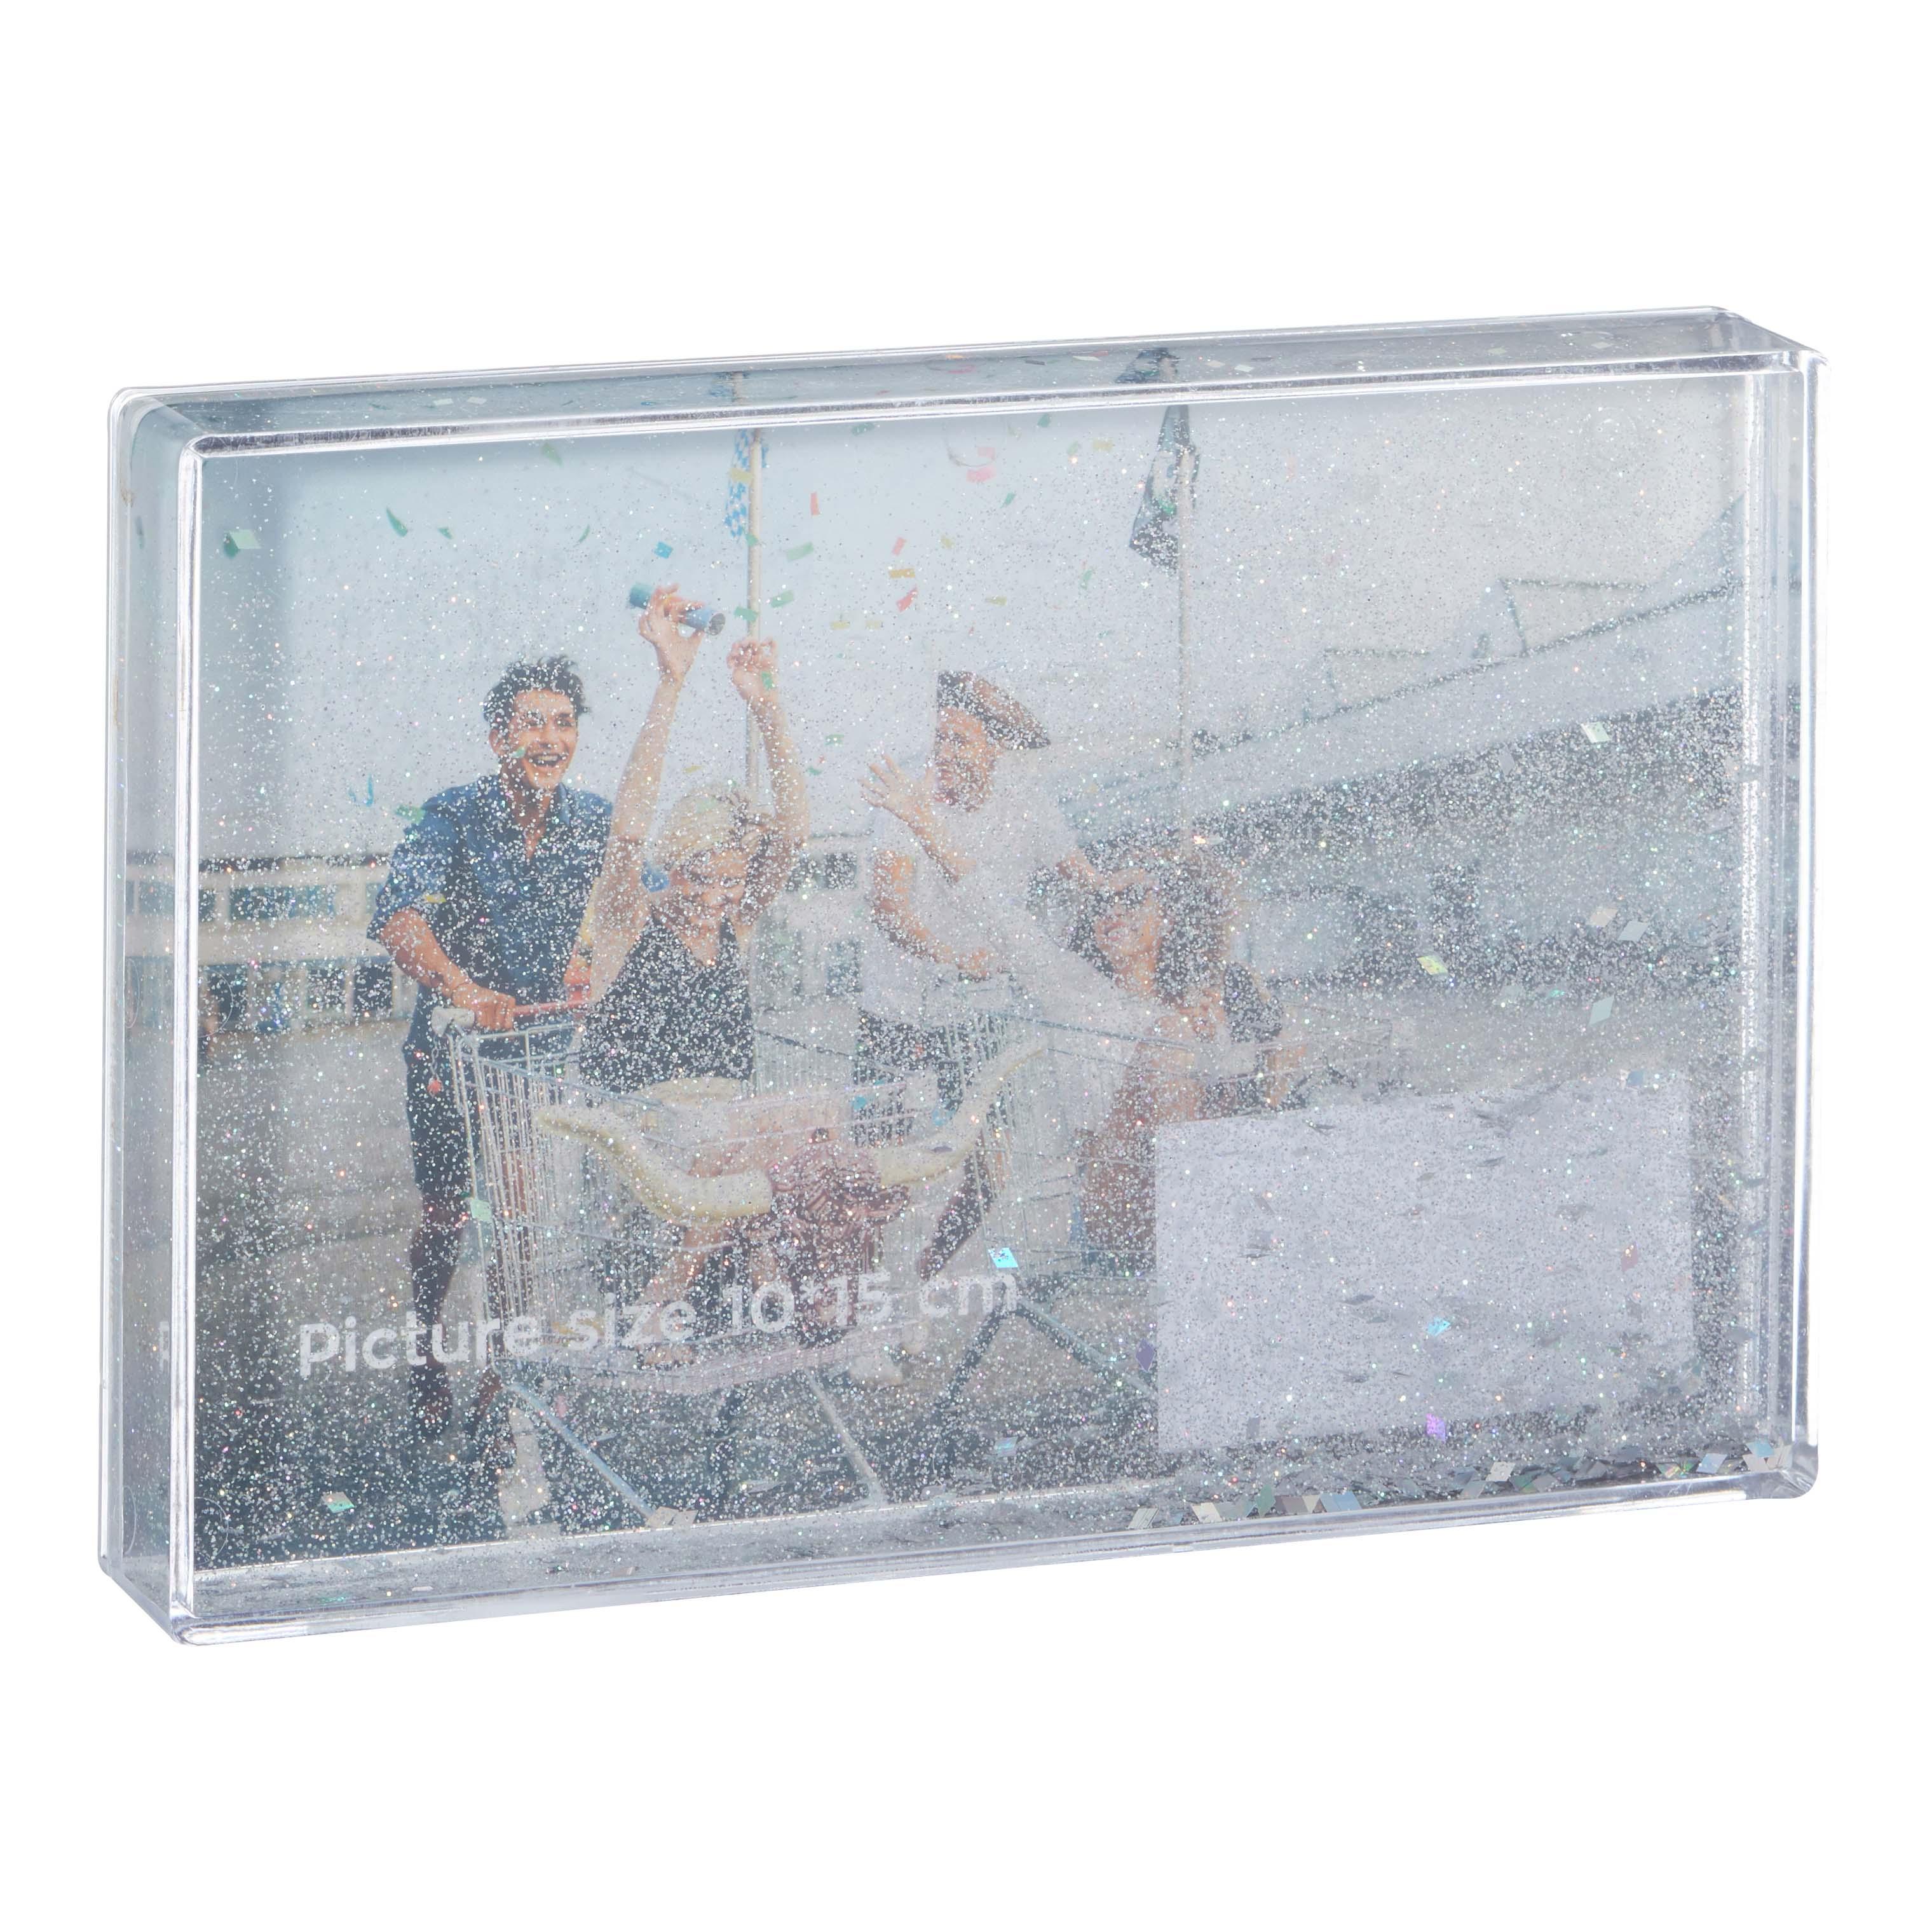 Afbeelding van Fotolijst Glitter Zilver 10*15 Cm